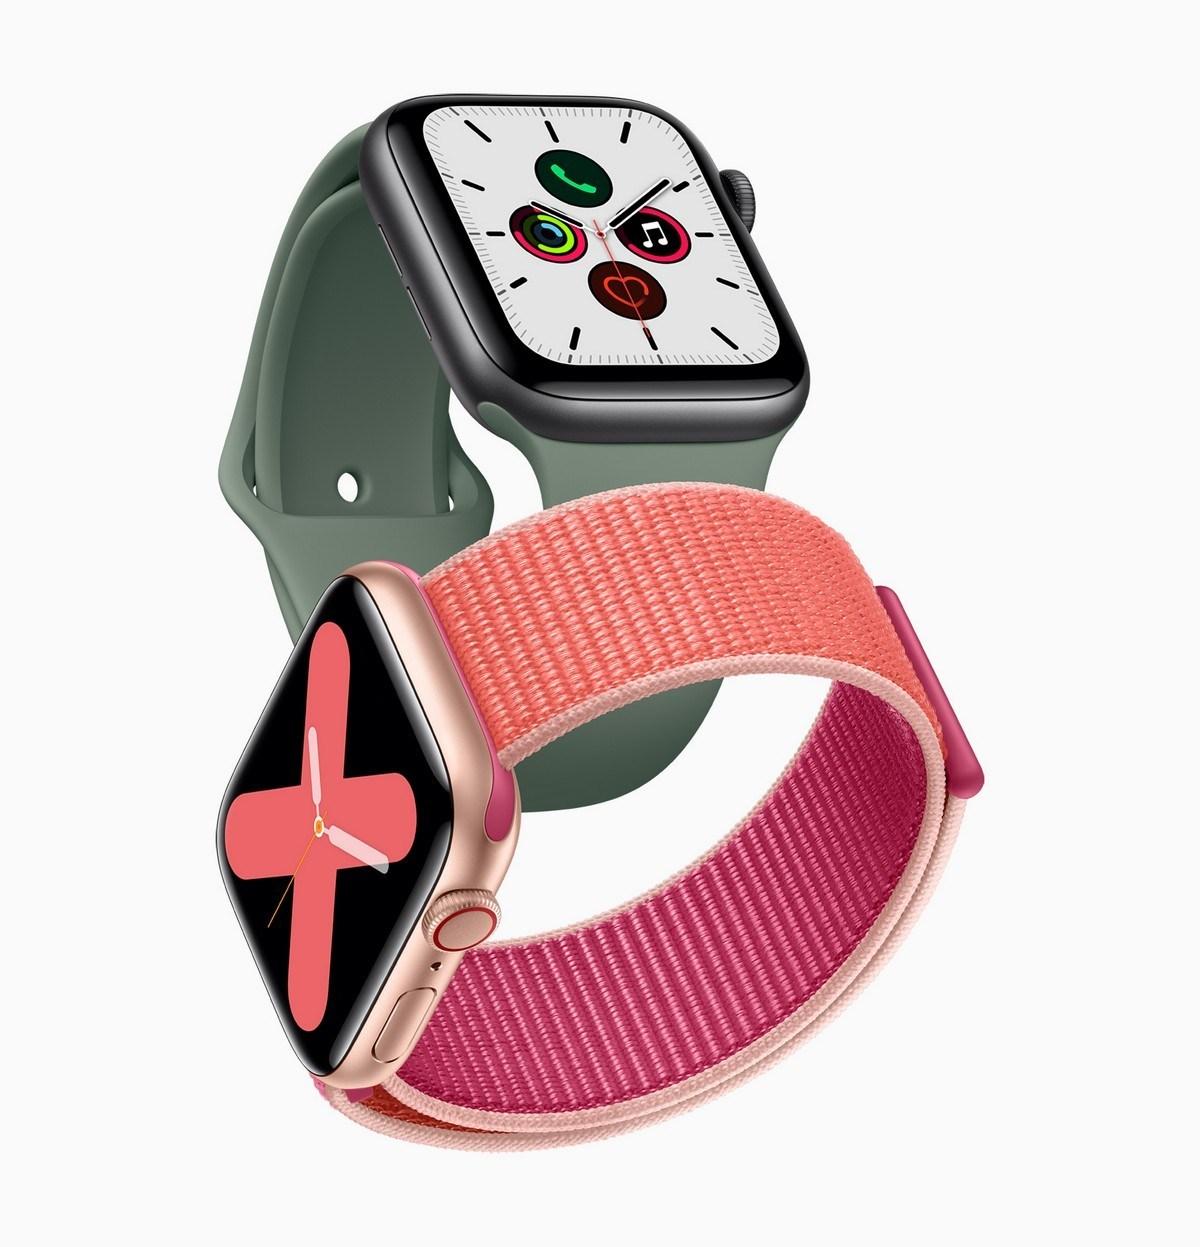 Cum e noul smartwatch Apple Watch Series 5 si la ce pret vine